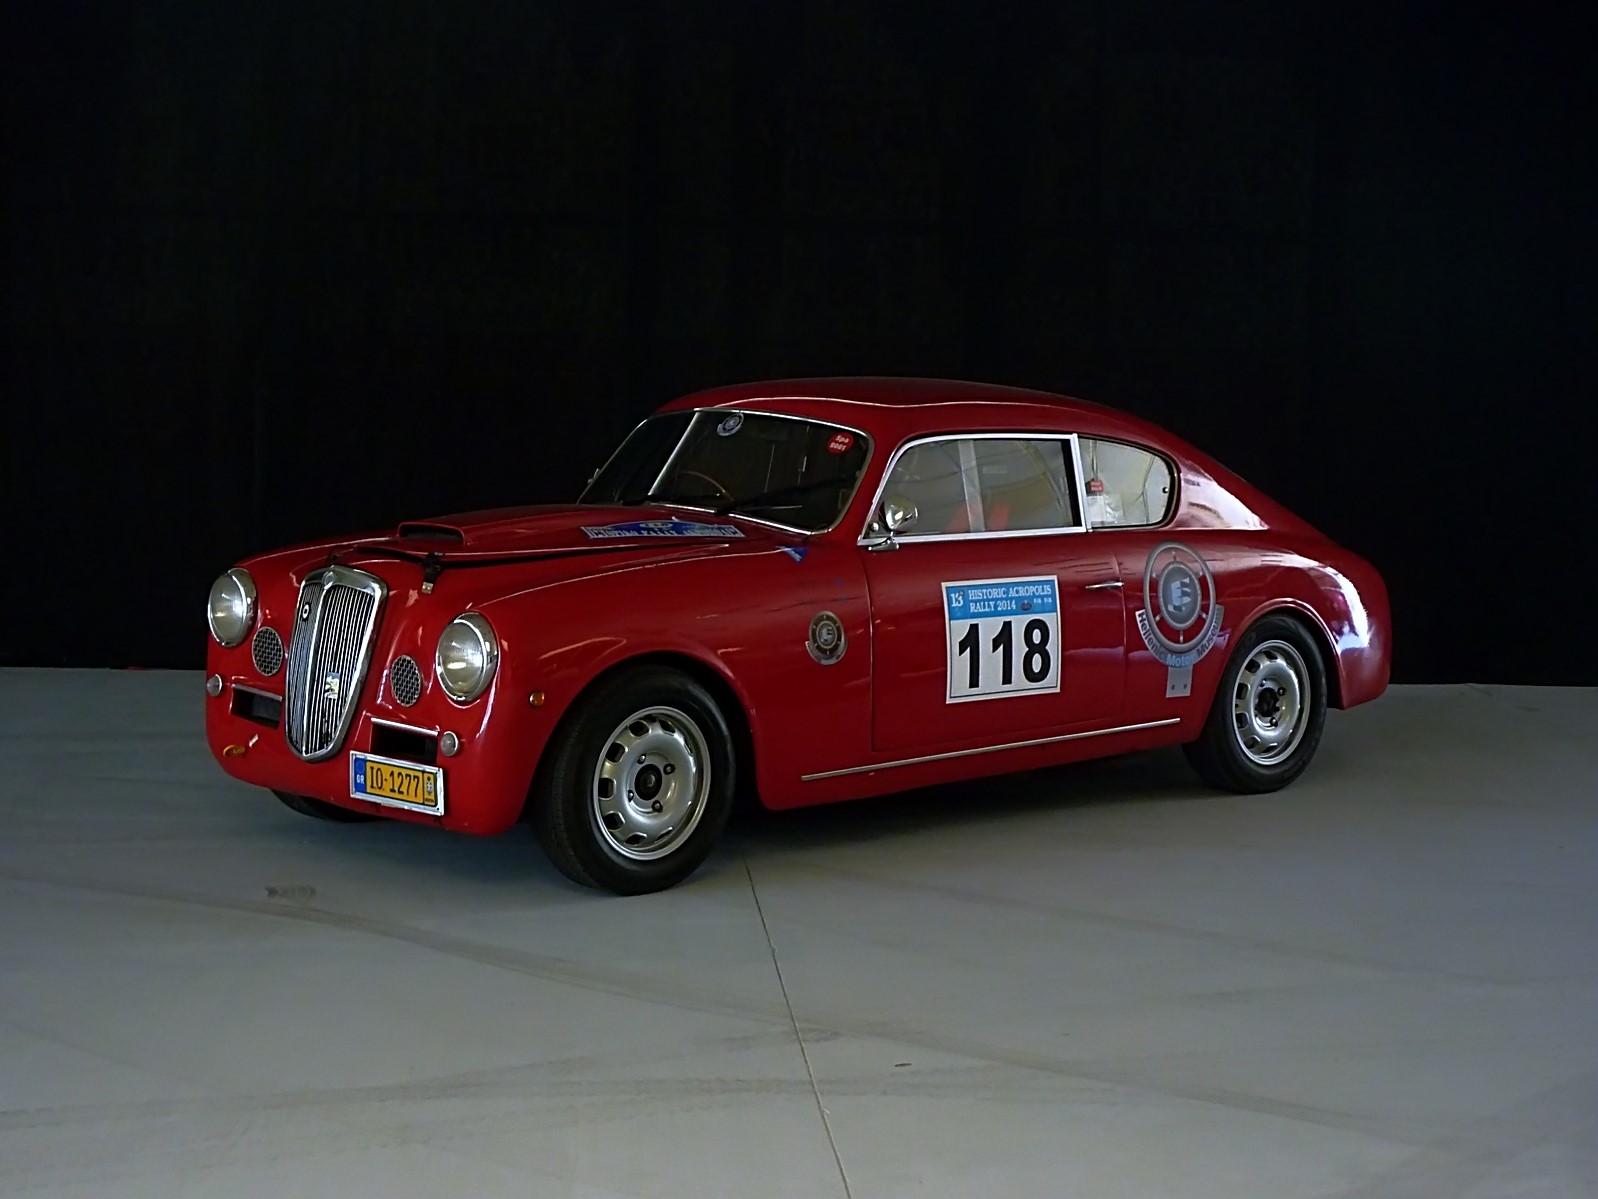 1953 Lancia Aurelia B24 ex L (7)